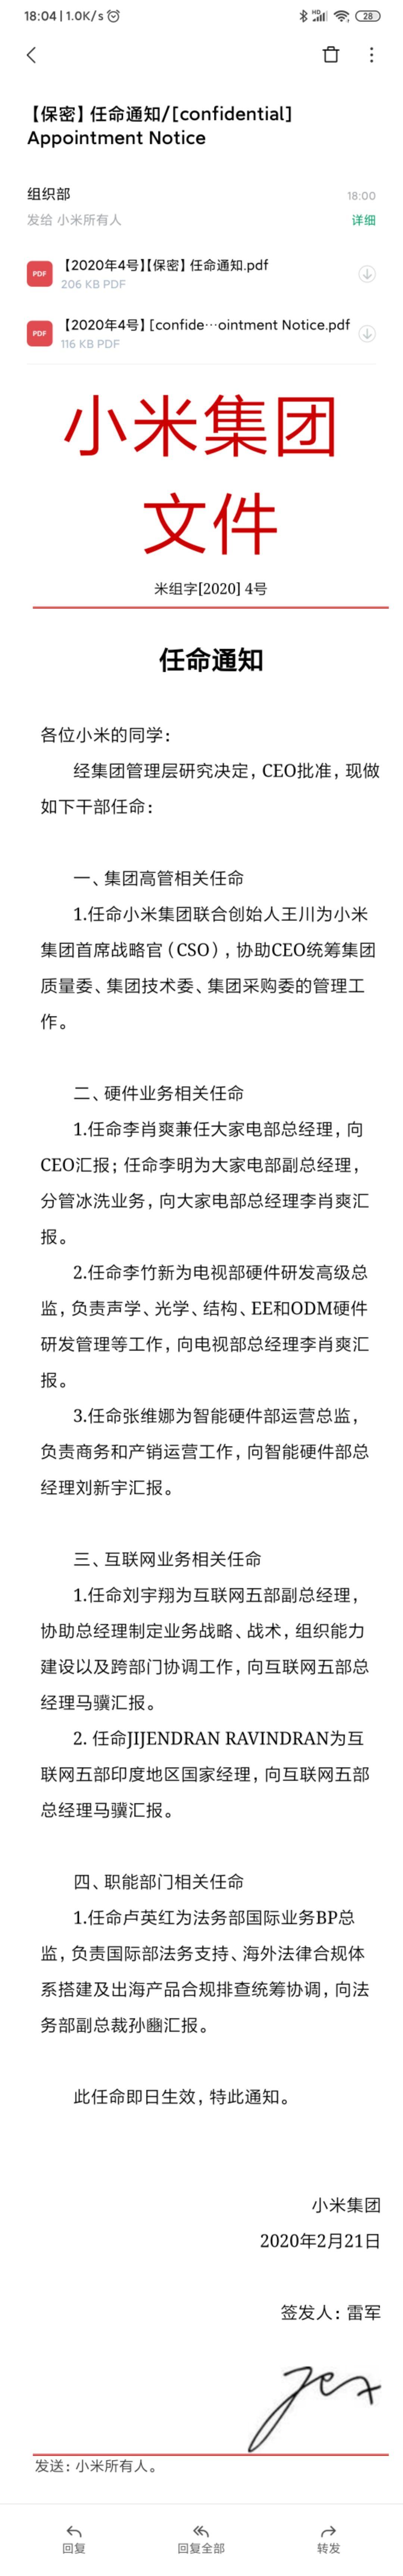 小米任命王川为首席战略官, 加码战略规划能力图片